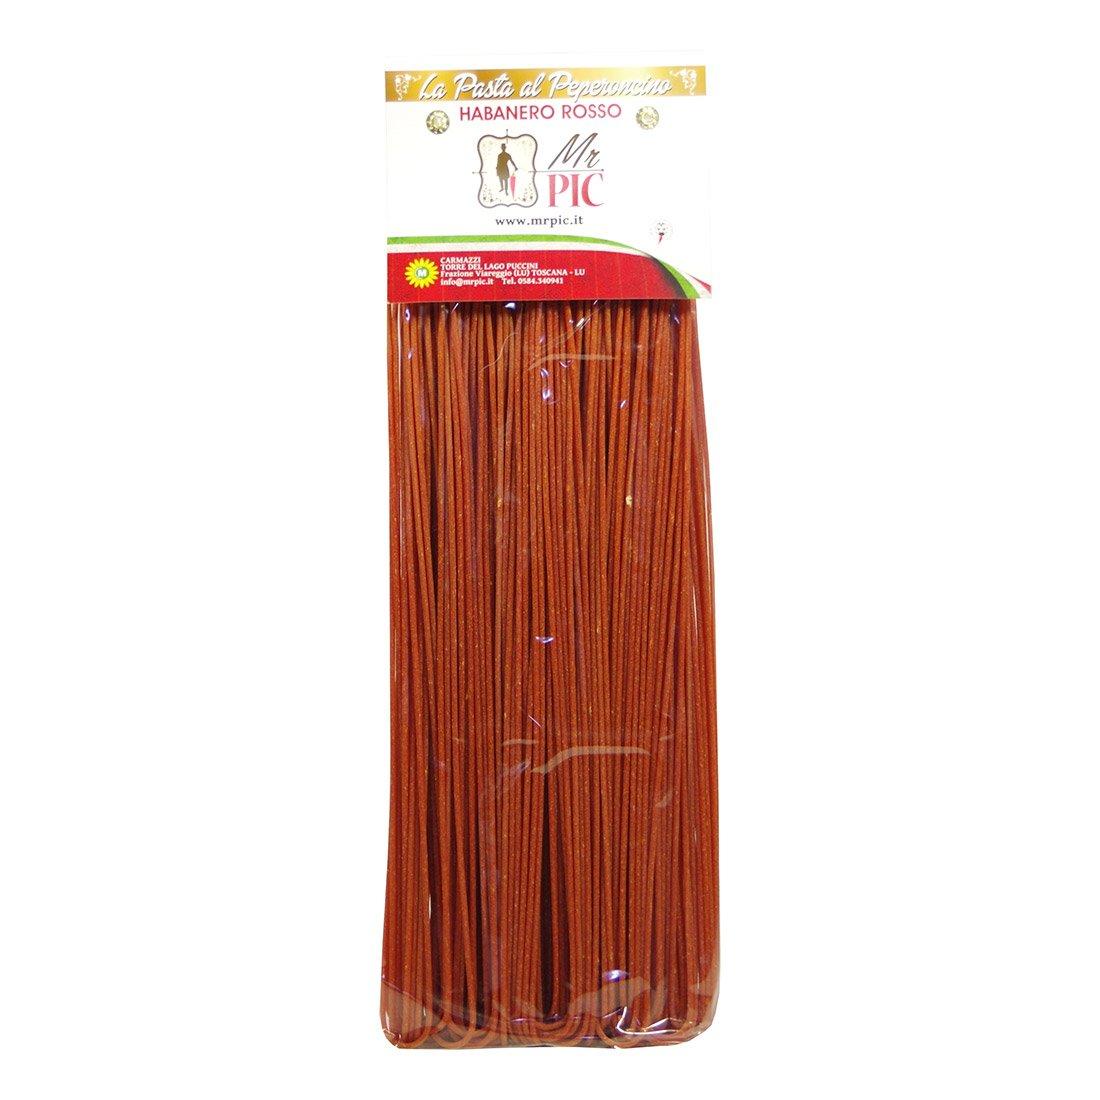 Spaghetti Habanero Rosso